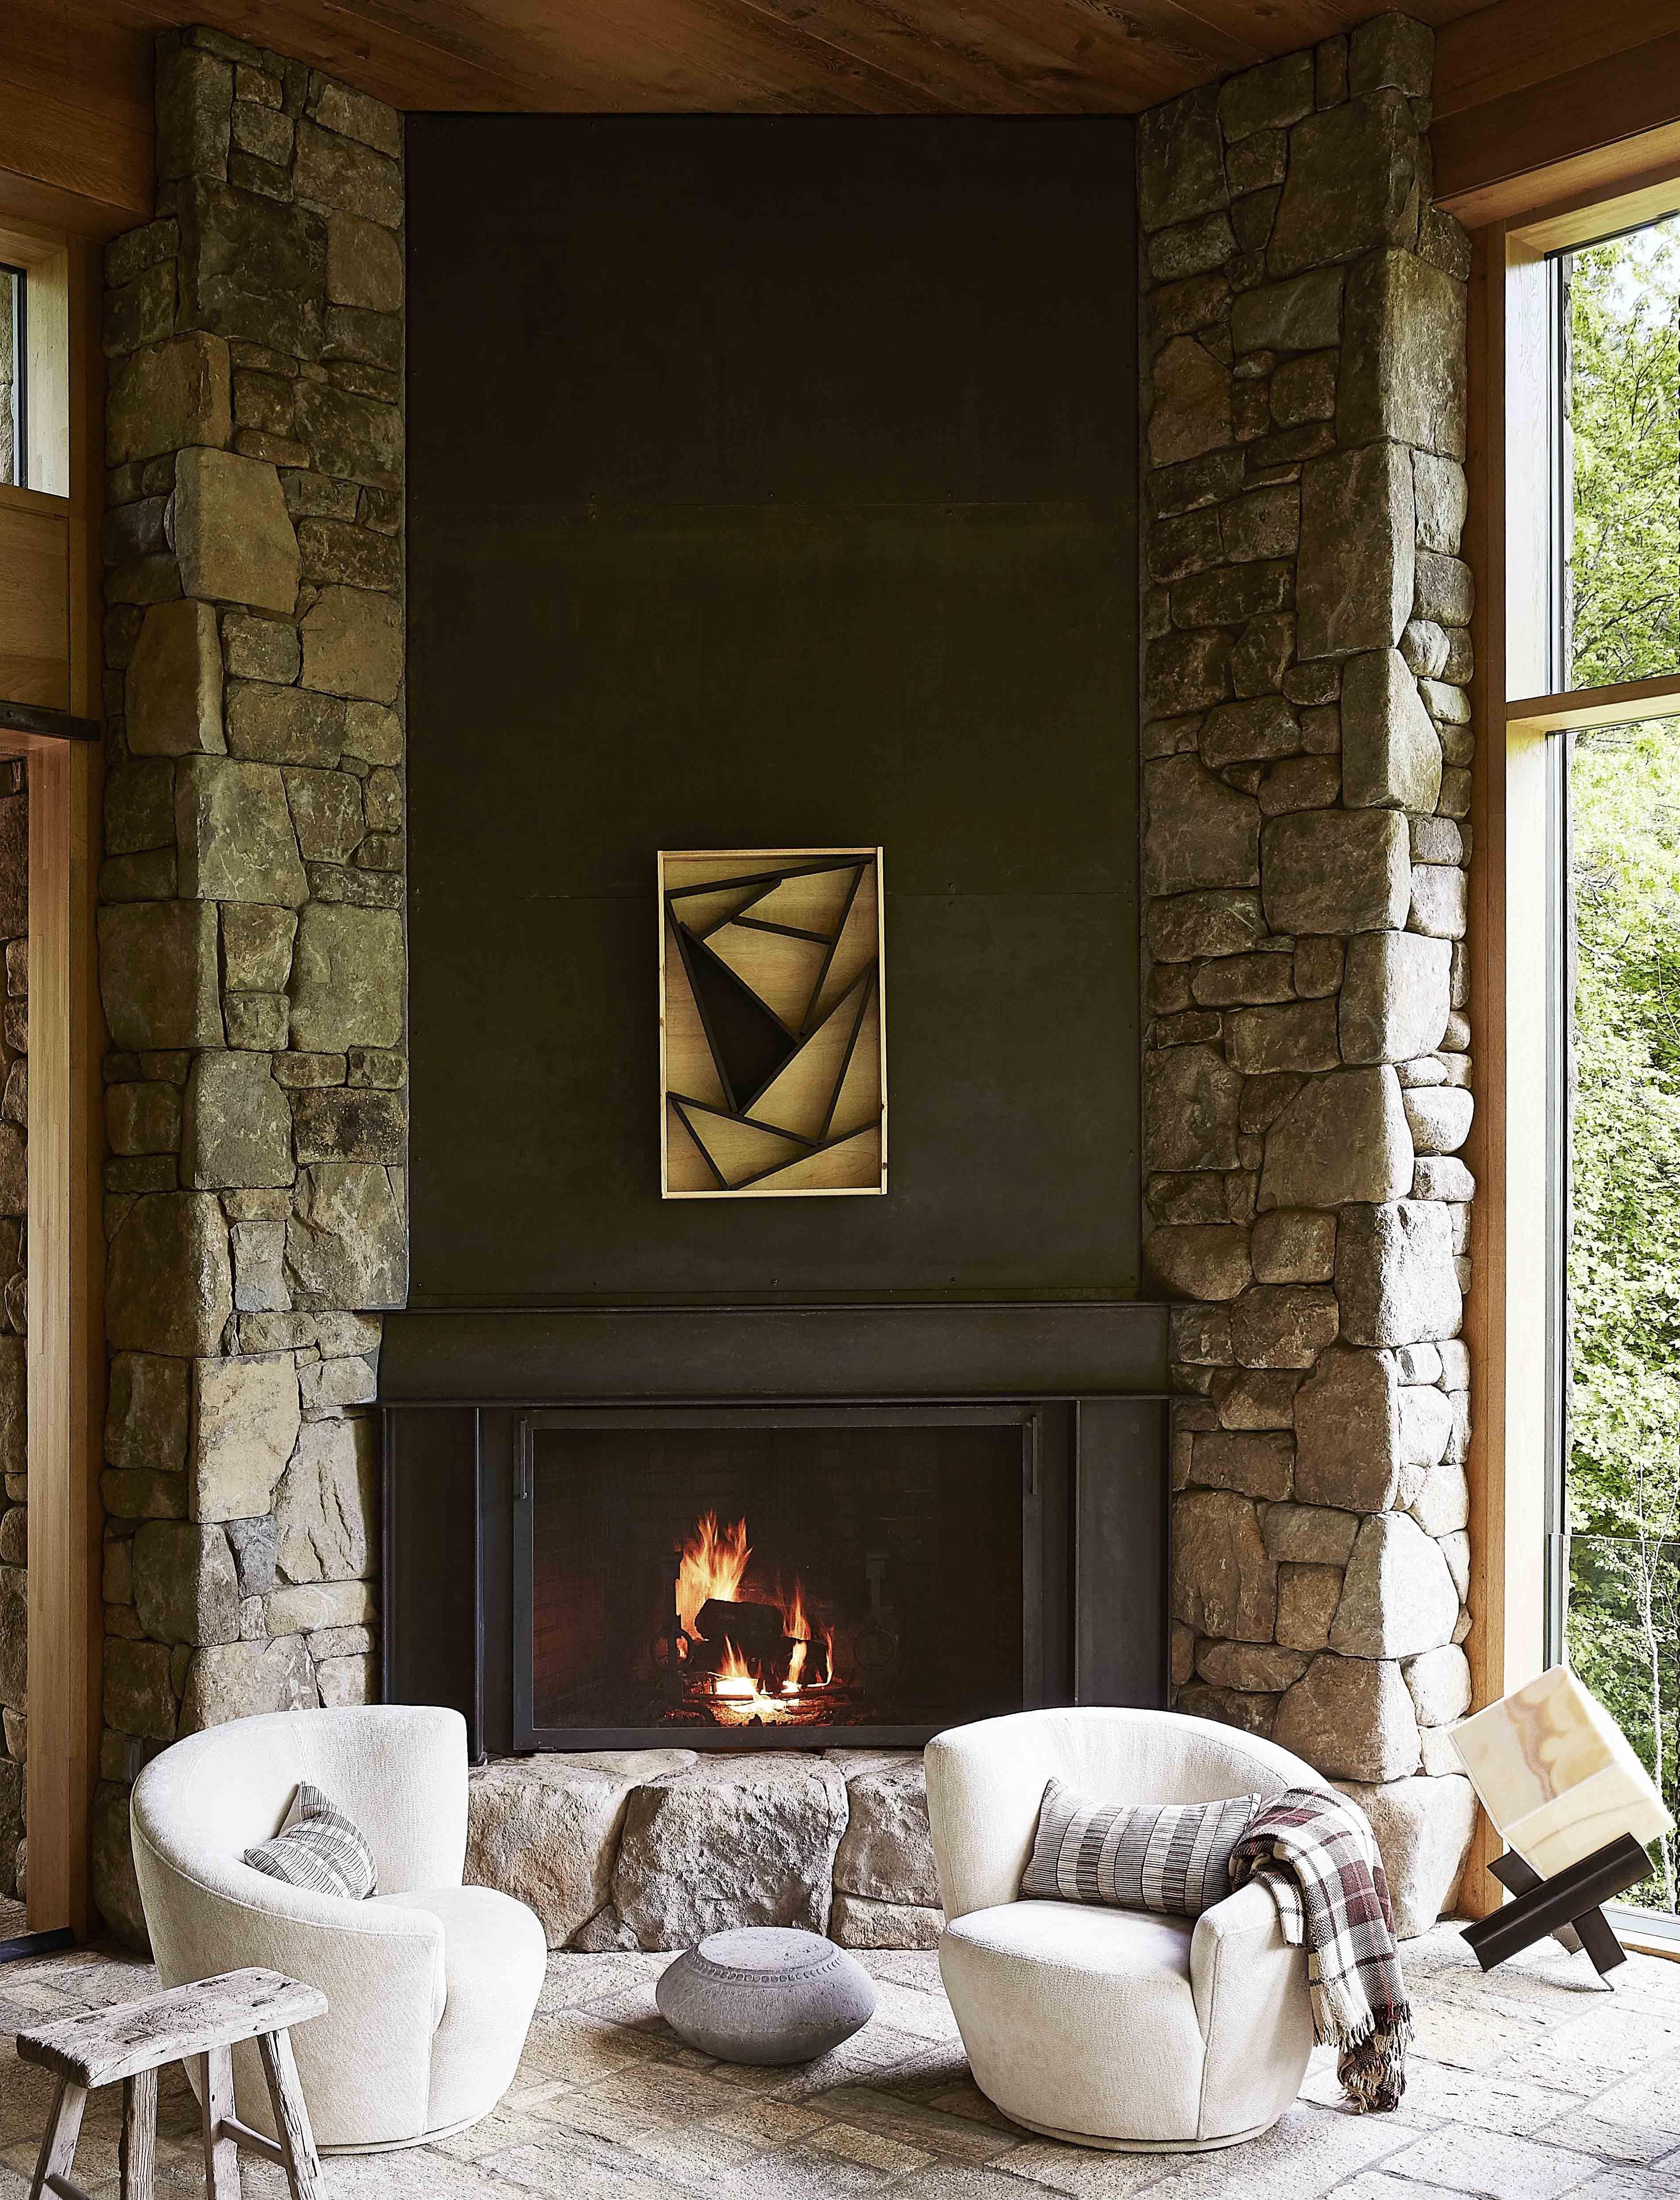 58 fireplace ideas 2021 best